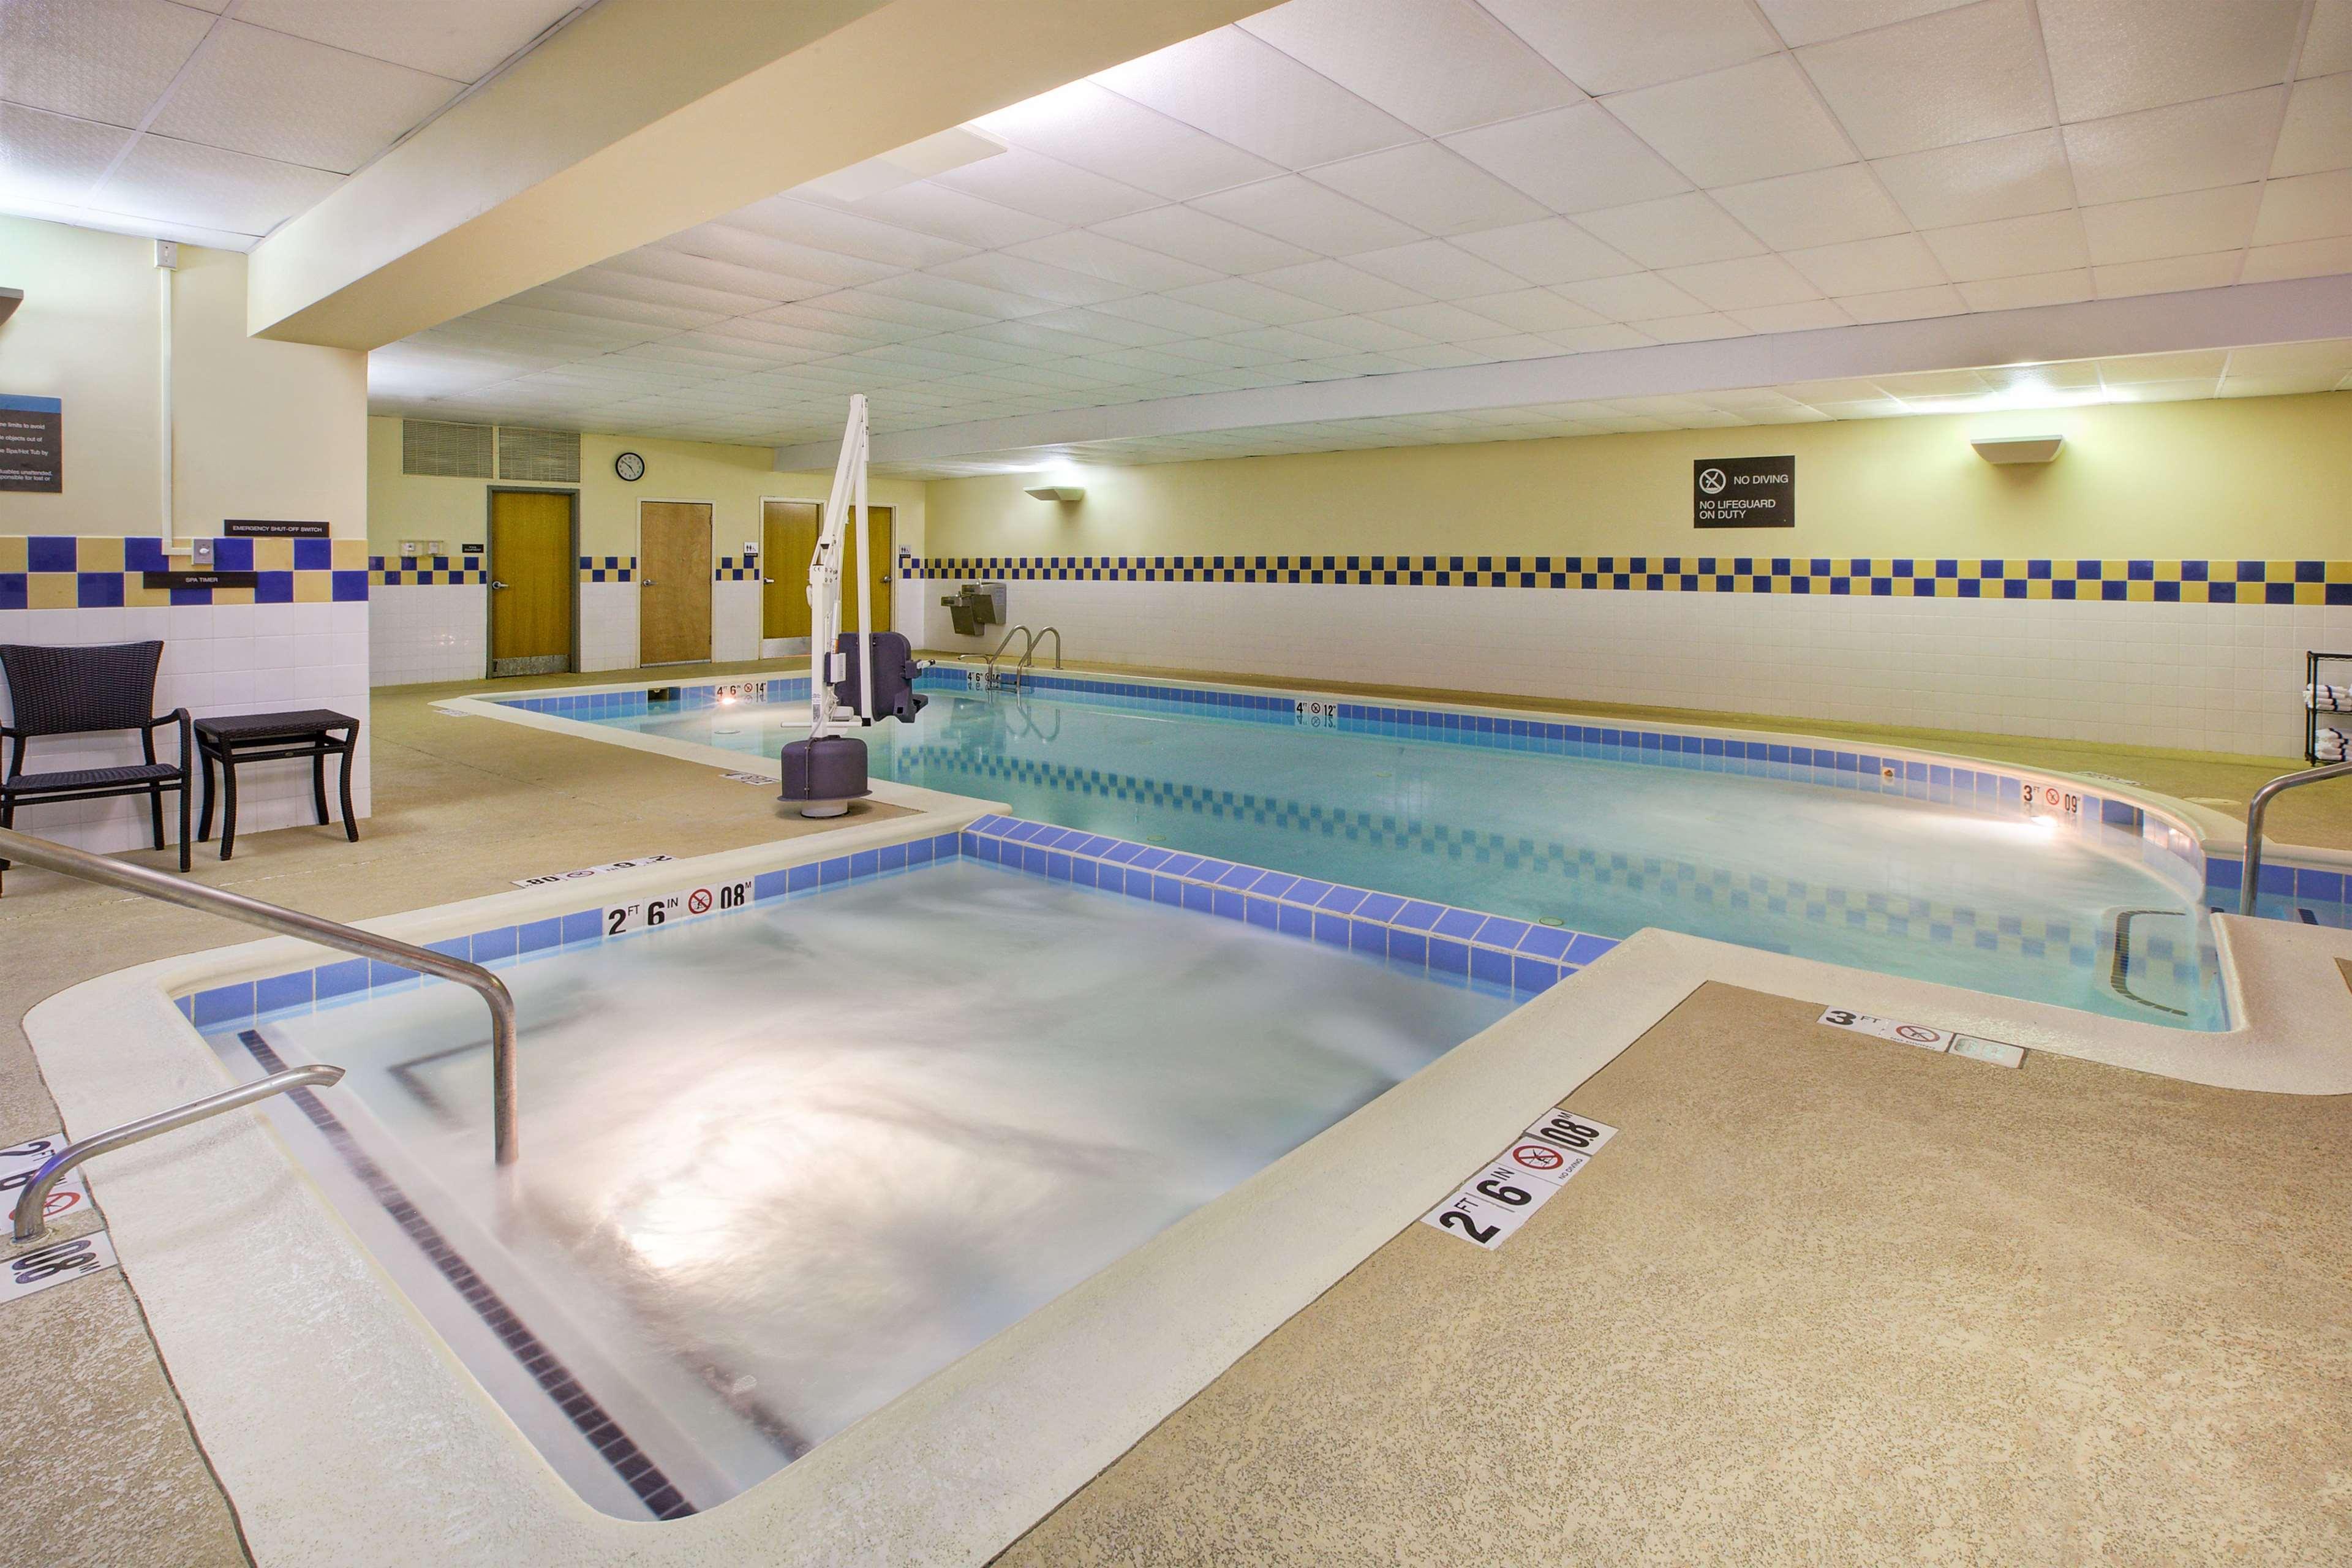 Hilton Garden Inn Chesterton image 6